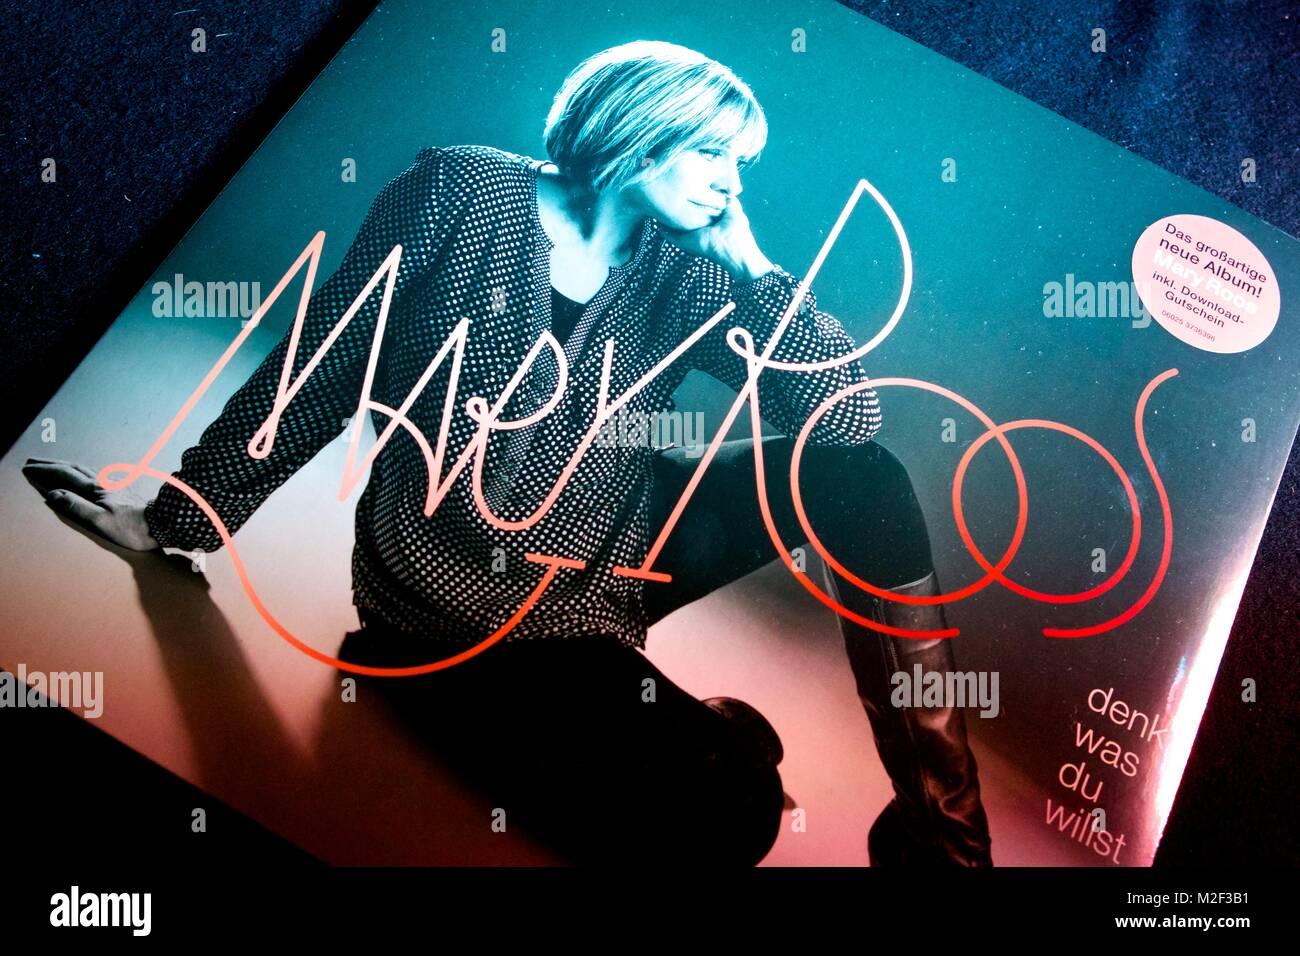 """Die deutsche Schlagersängerin Mary Roos (bürgerlich Rosemarie Böhm) Präsentiert am 17.05.2013 ihr neues Album  """"Denk Stock Photo"""